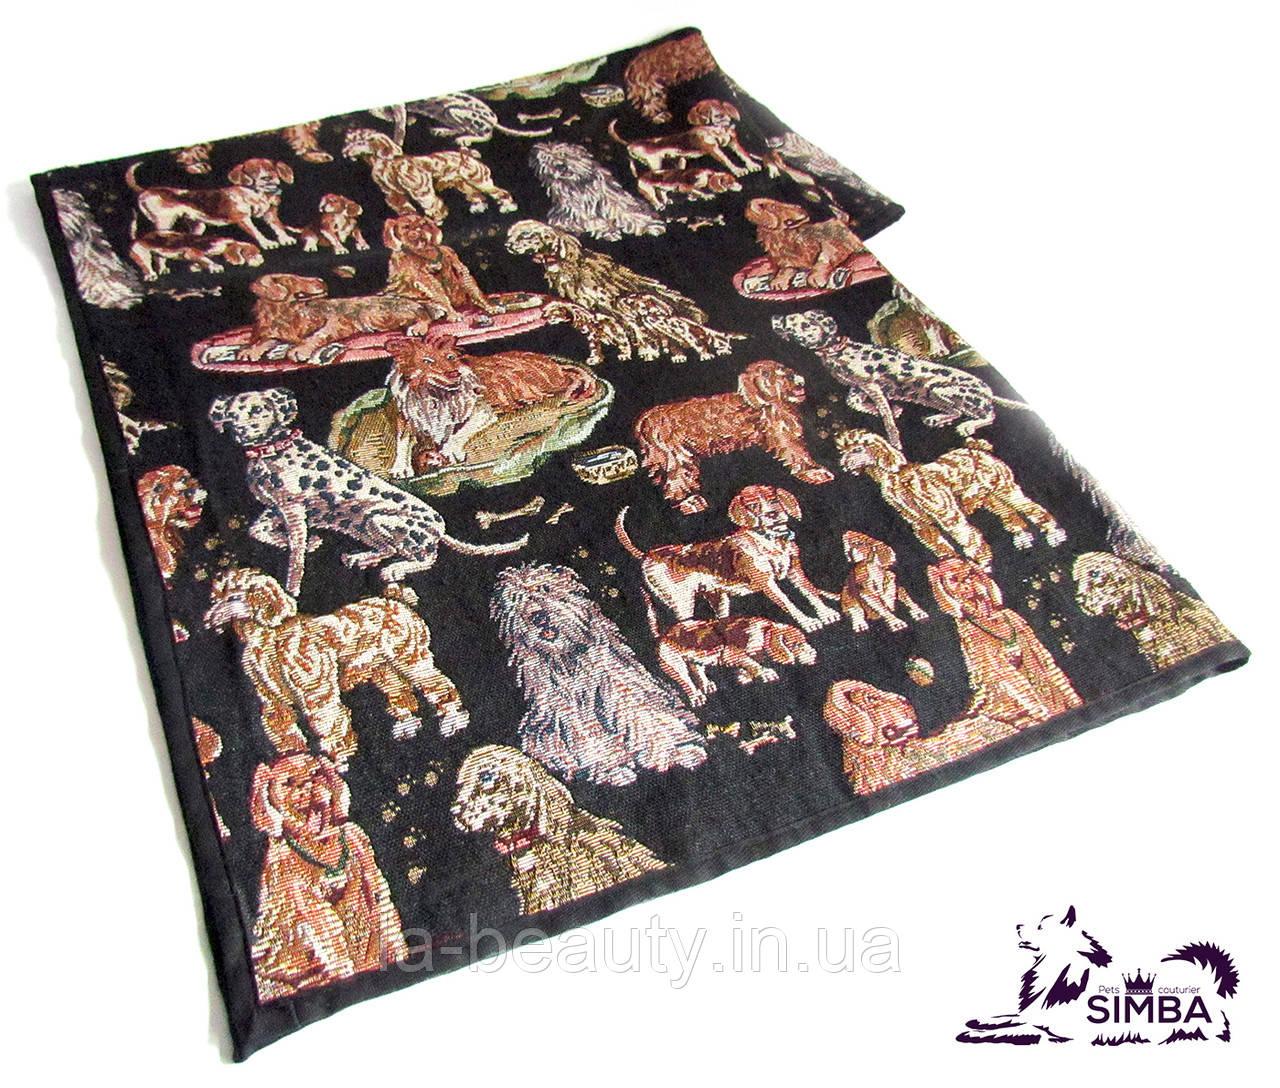 Подстилка (коврик) для собак 4Paws от Pets Couturier SIMBA